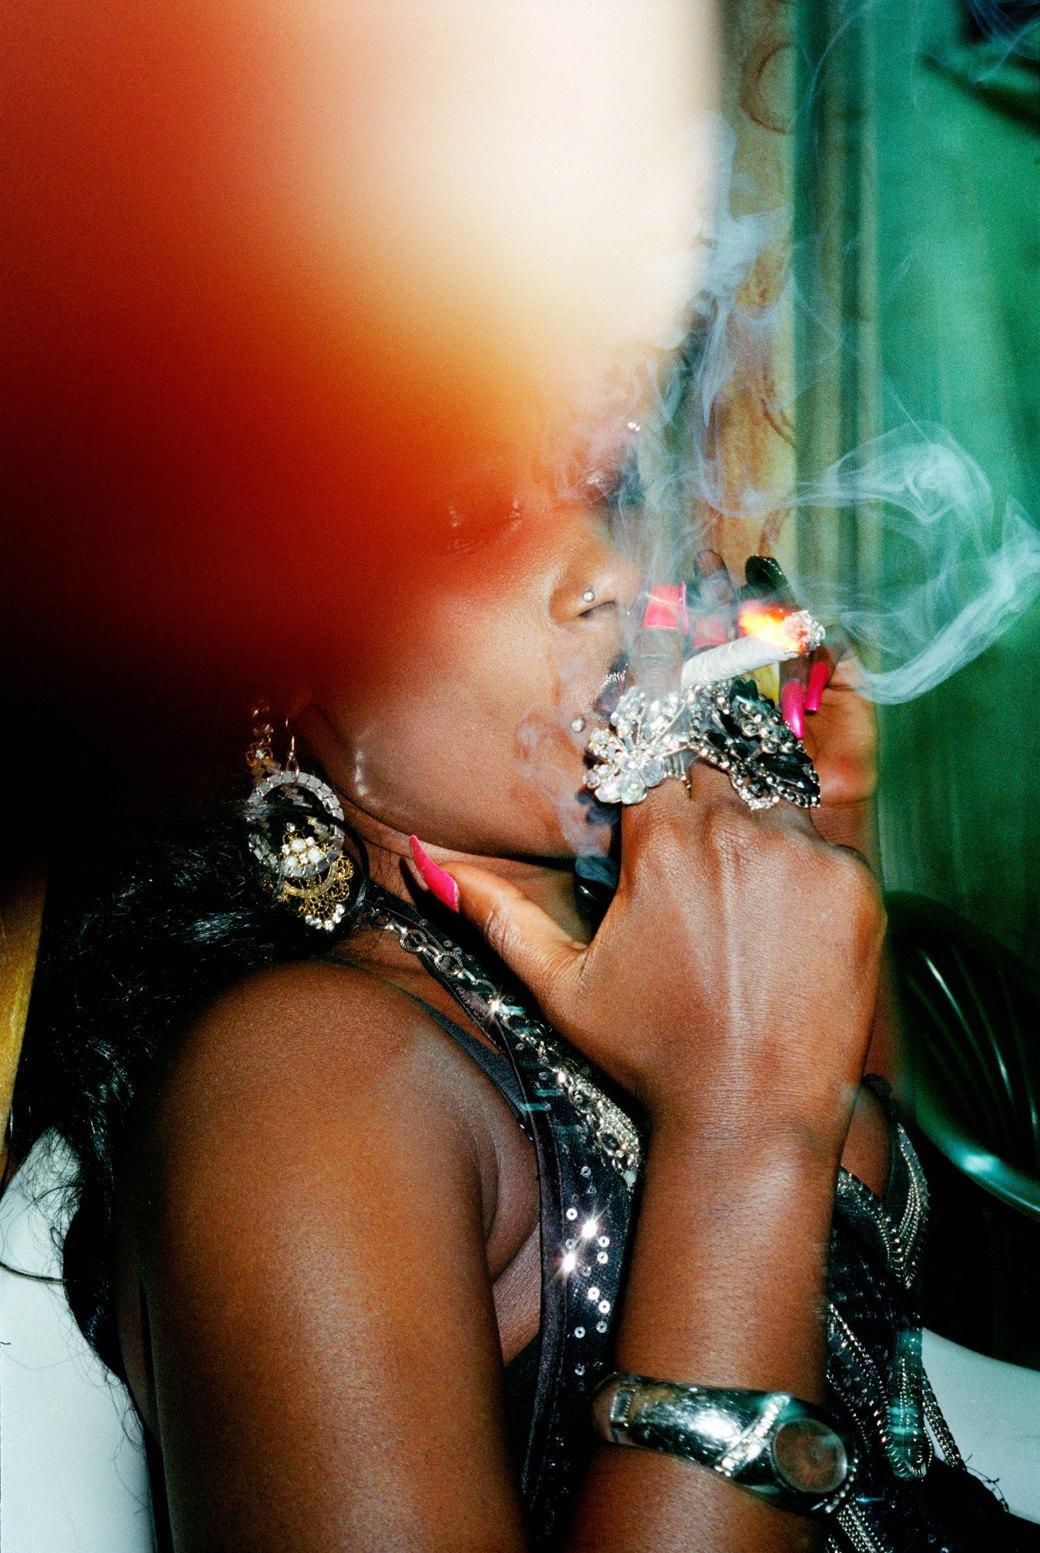 Сутенёры, лучники и золотая молодёжь: Фоторепортаж о ночной жизни в Уганде. Изображение № 18.